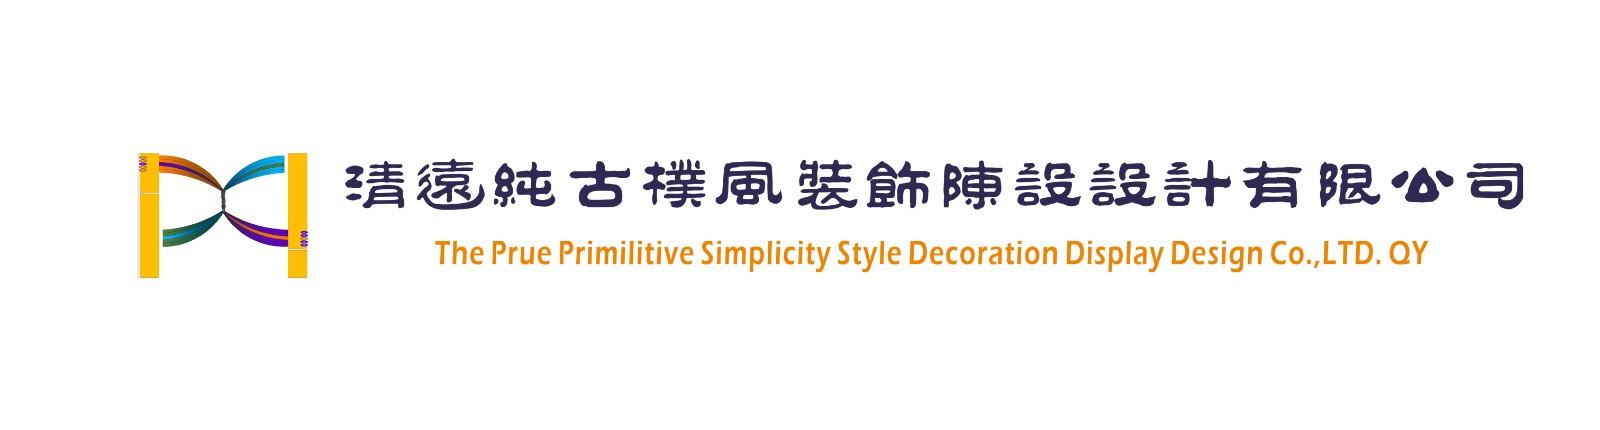 清远纯古朴风装饰陈设设计有限公司